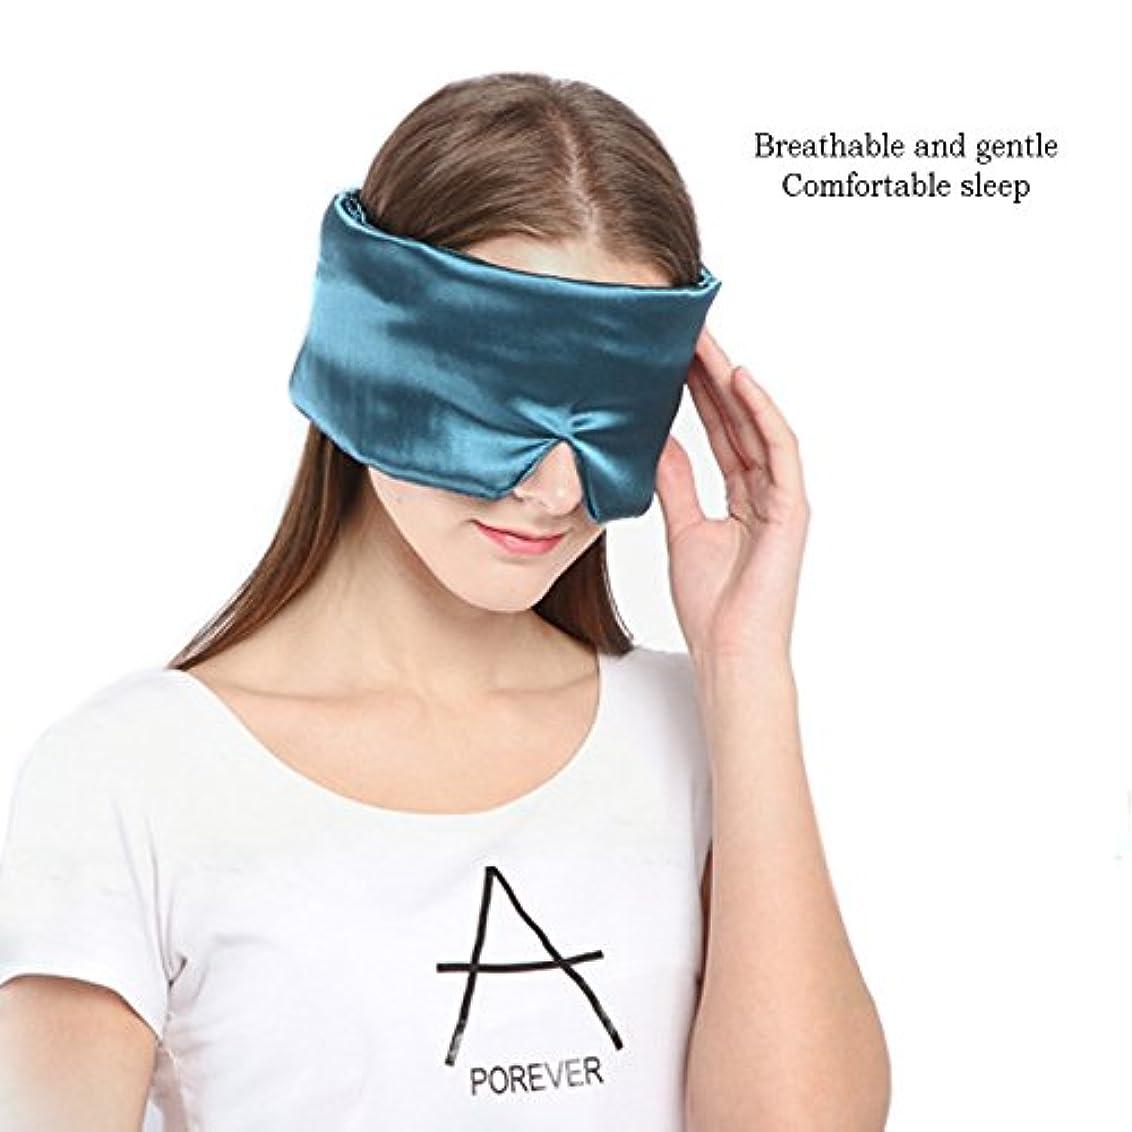 権利を与えるナットネックレス注意ソフトシルクスリープアイマスクポータブルレスト目隠しアイパッチメモリスポンジナチュラル快適な補助睡眠アイバンド調節可能